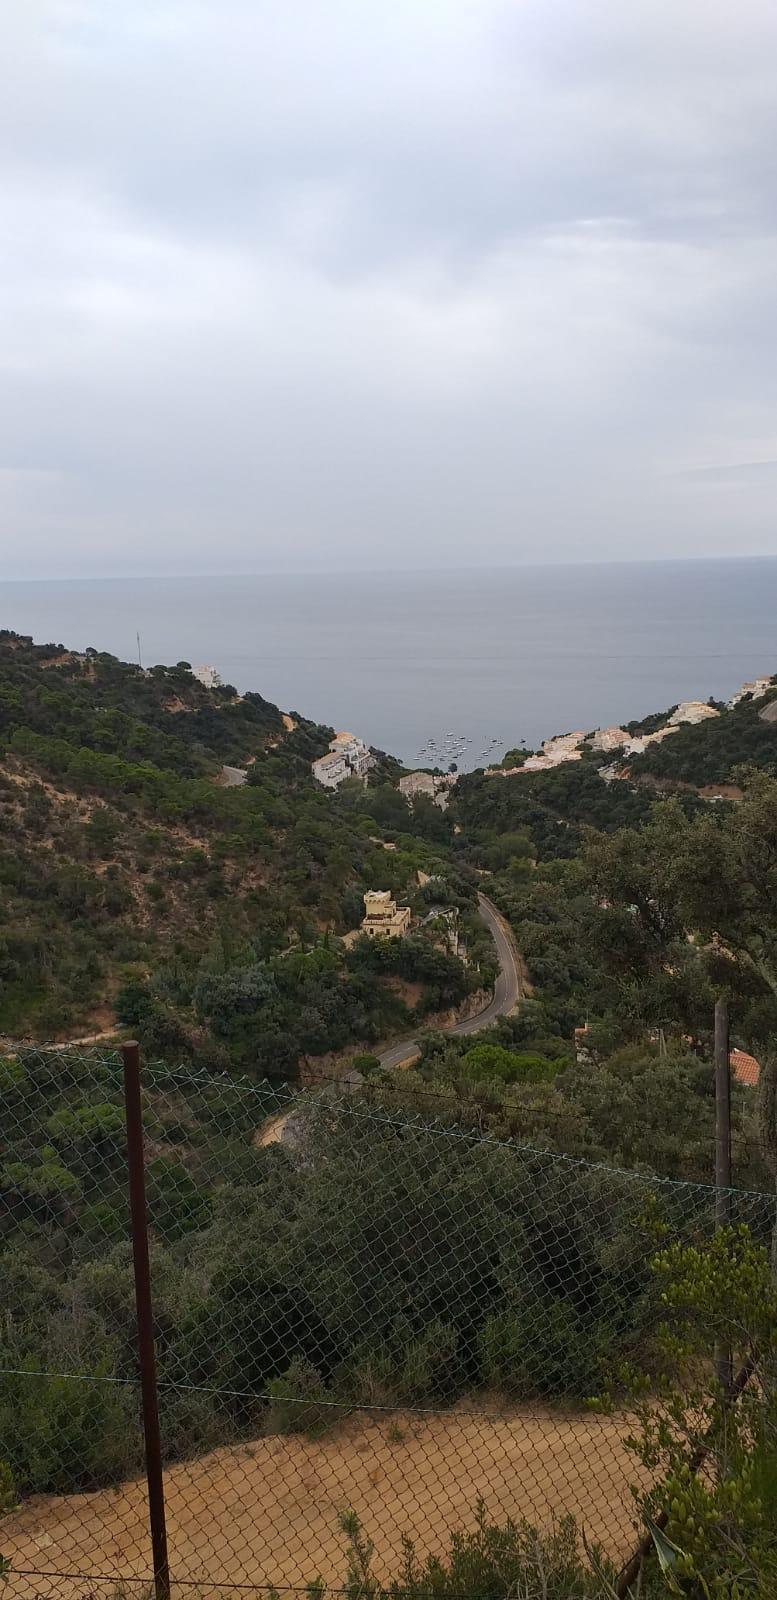 Una casa con vista al mar en Cala Salionç